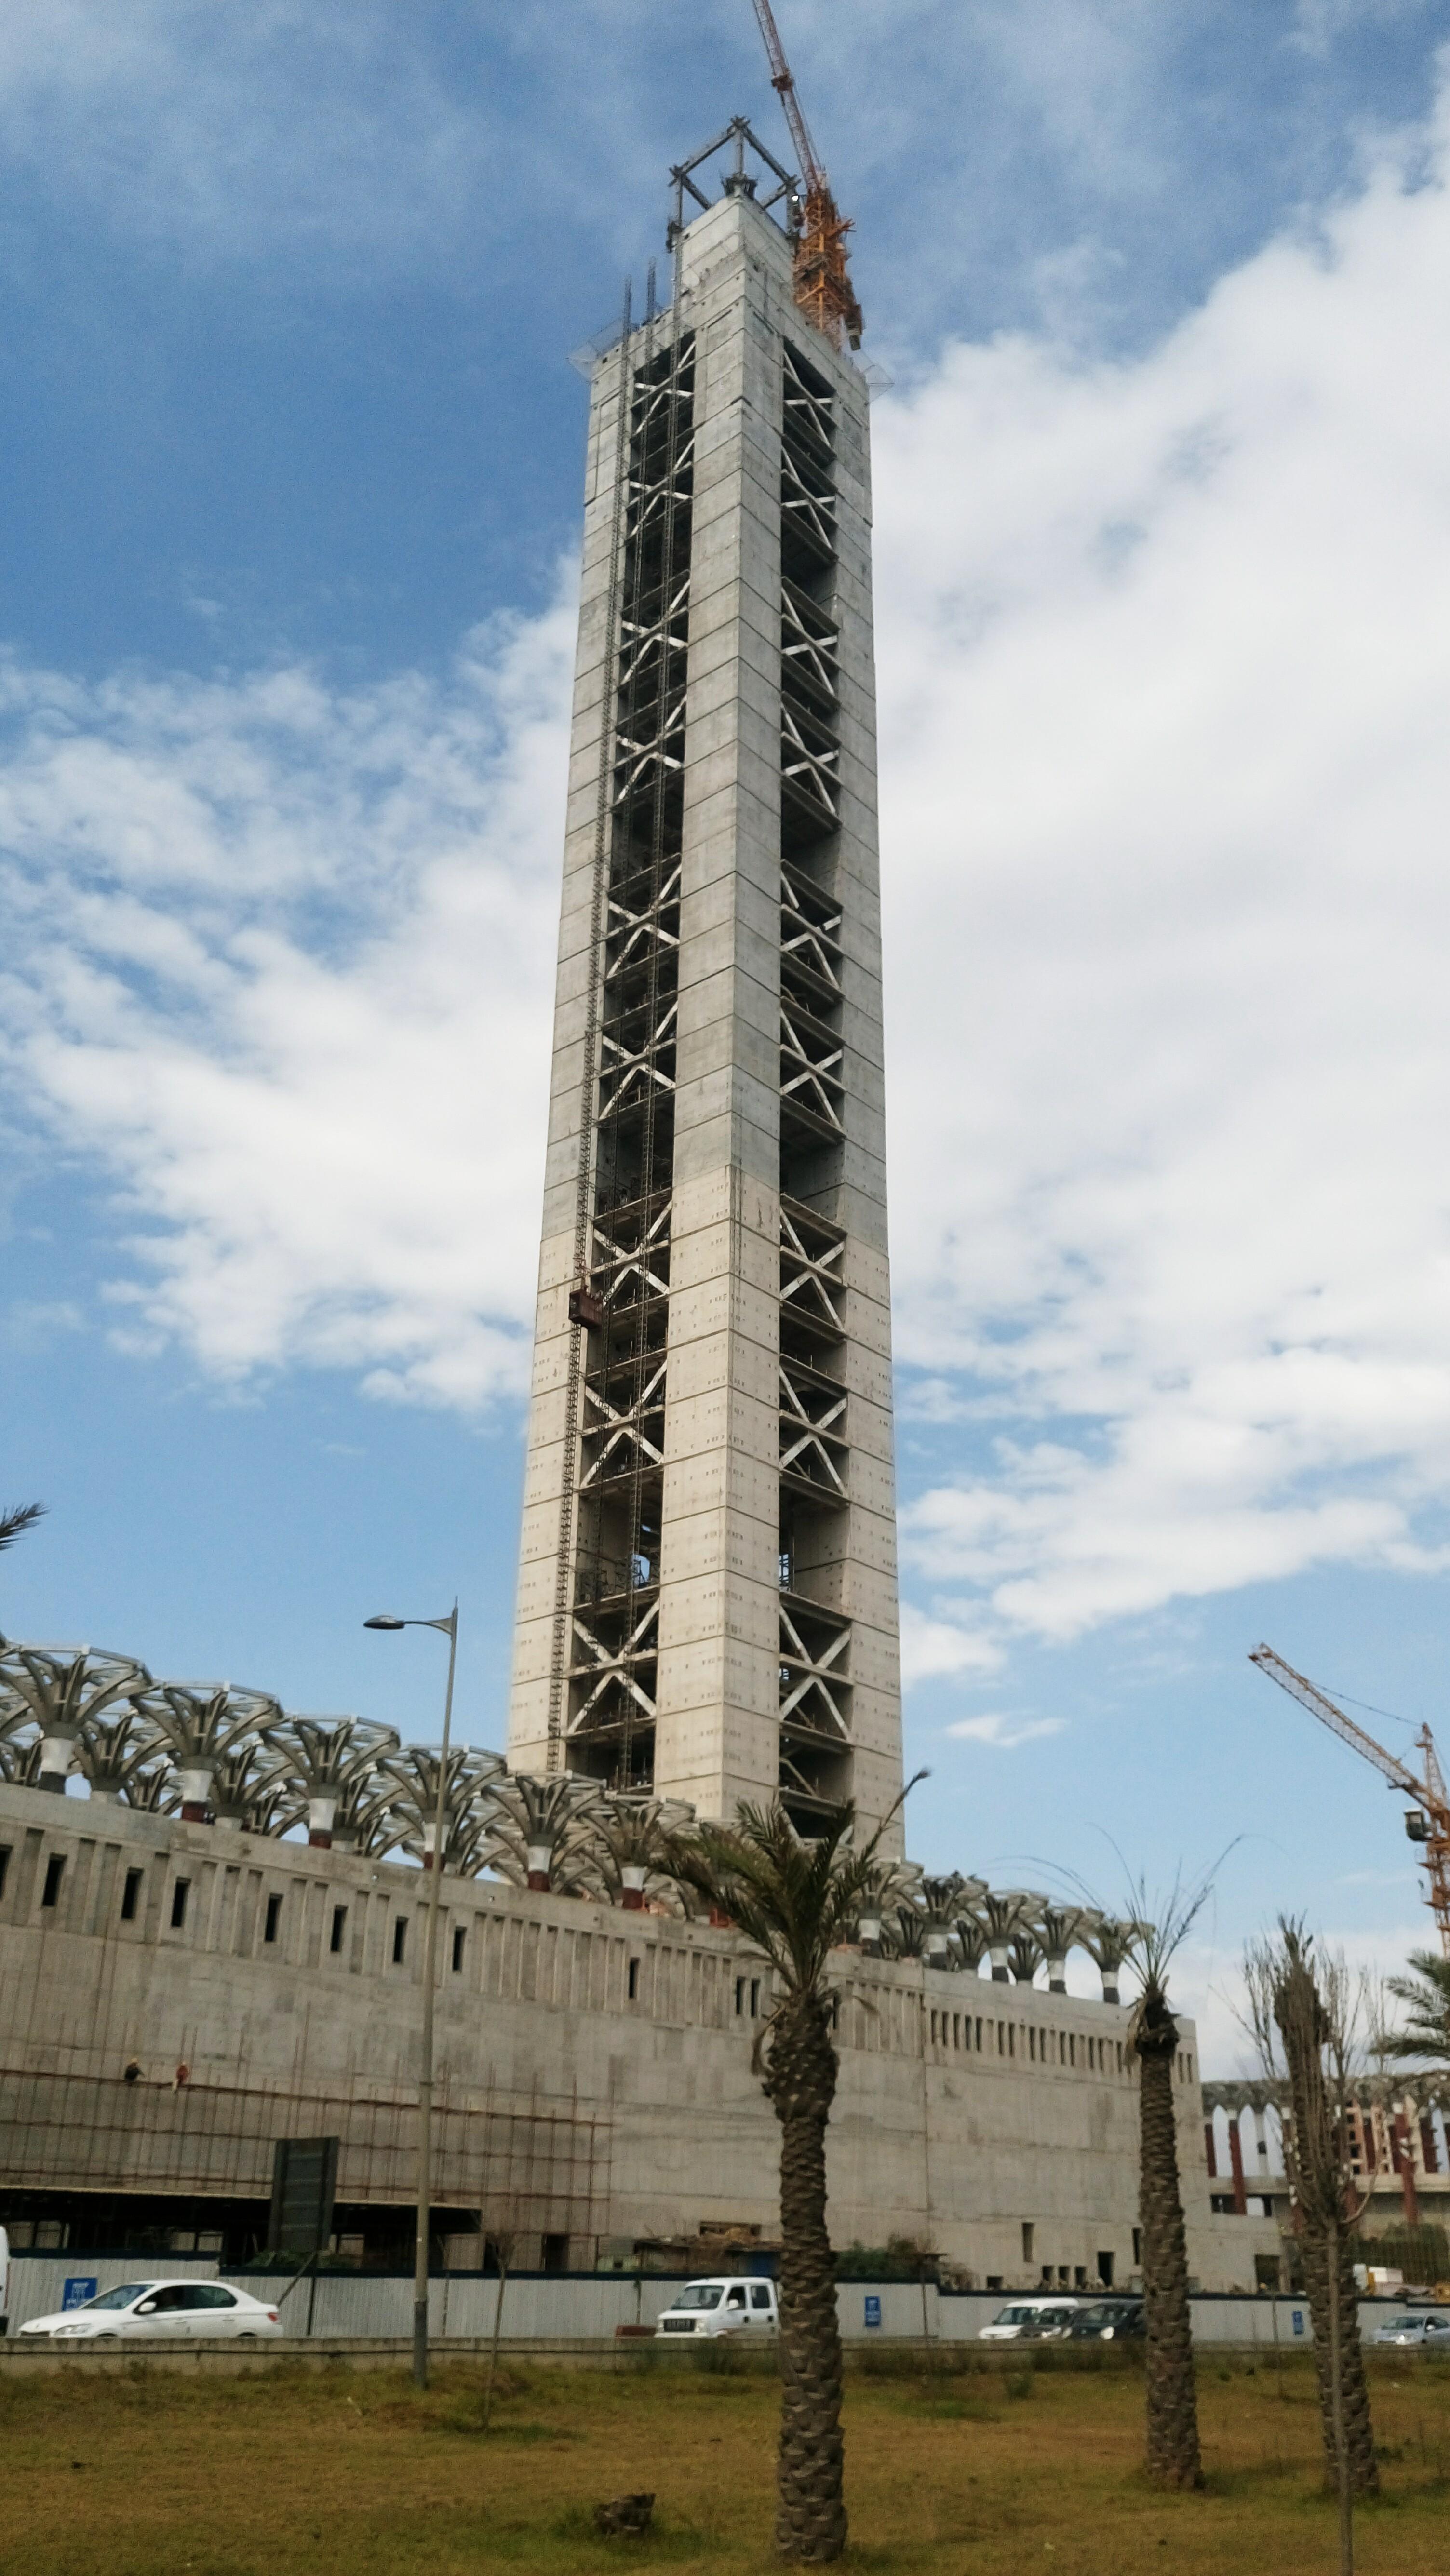 مشروع جامع الجزائر الأعظم: إعطاء إشارة إنطلاق أشغال الإنجاز - صفحة 20 35110884035_02c37575bf_o